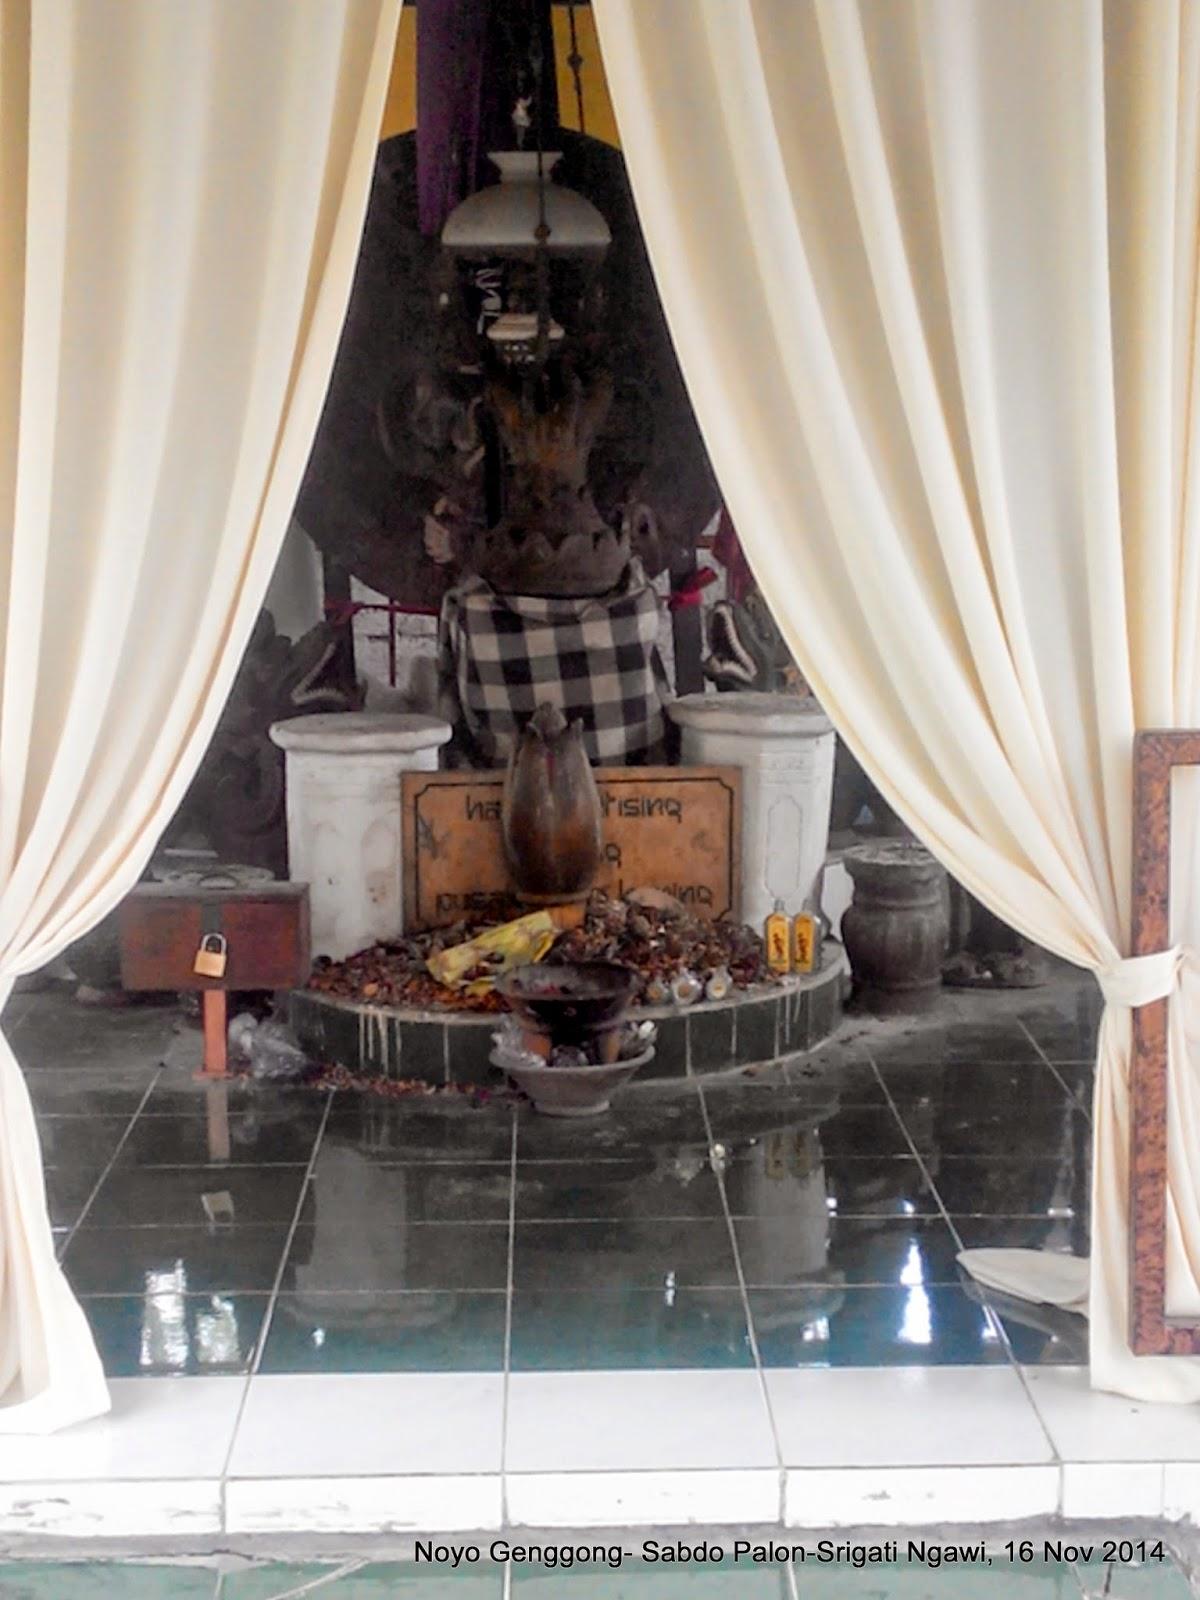 Ndekwur Srigati Isi Rumah Noyo Genggong Sabdo Palon Bekas Pemujaan